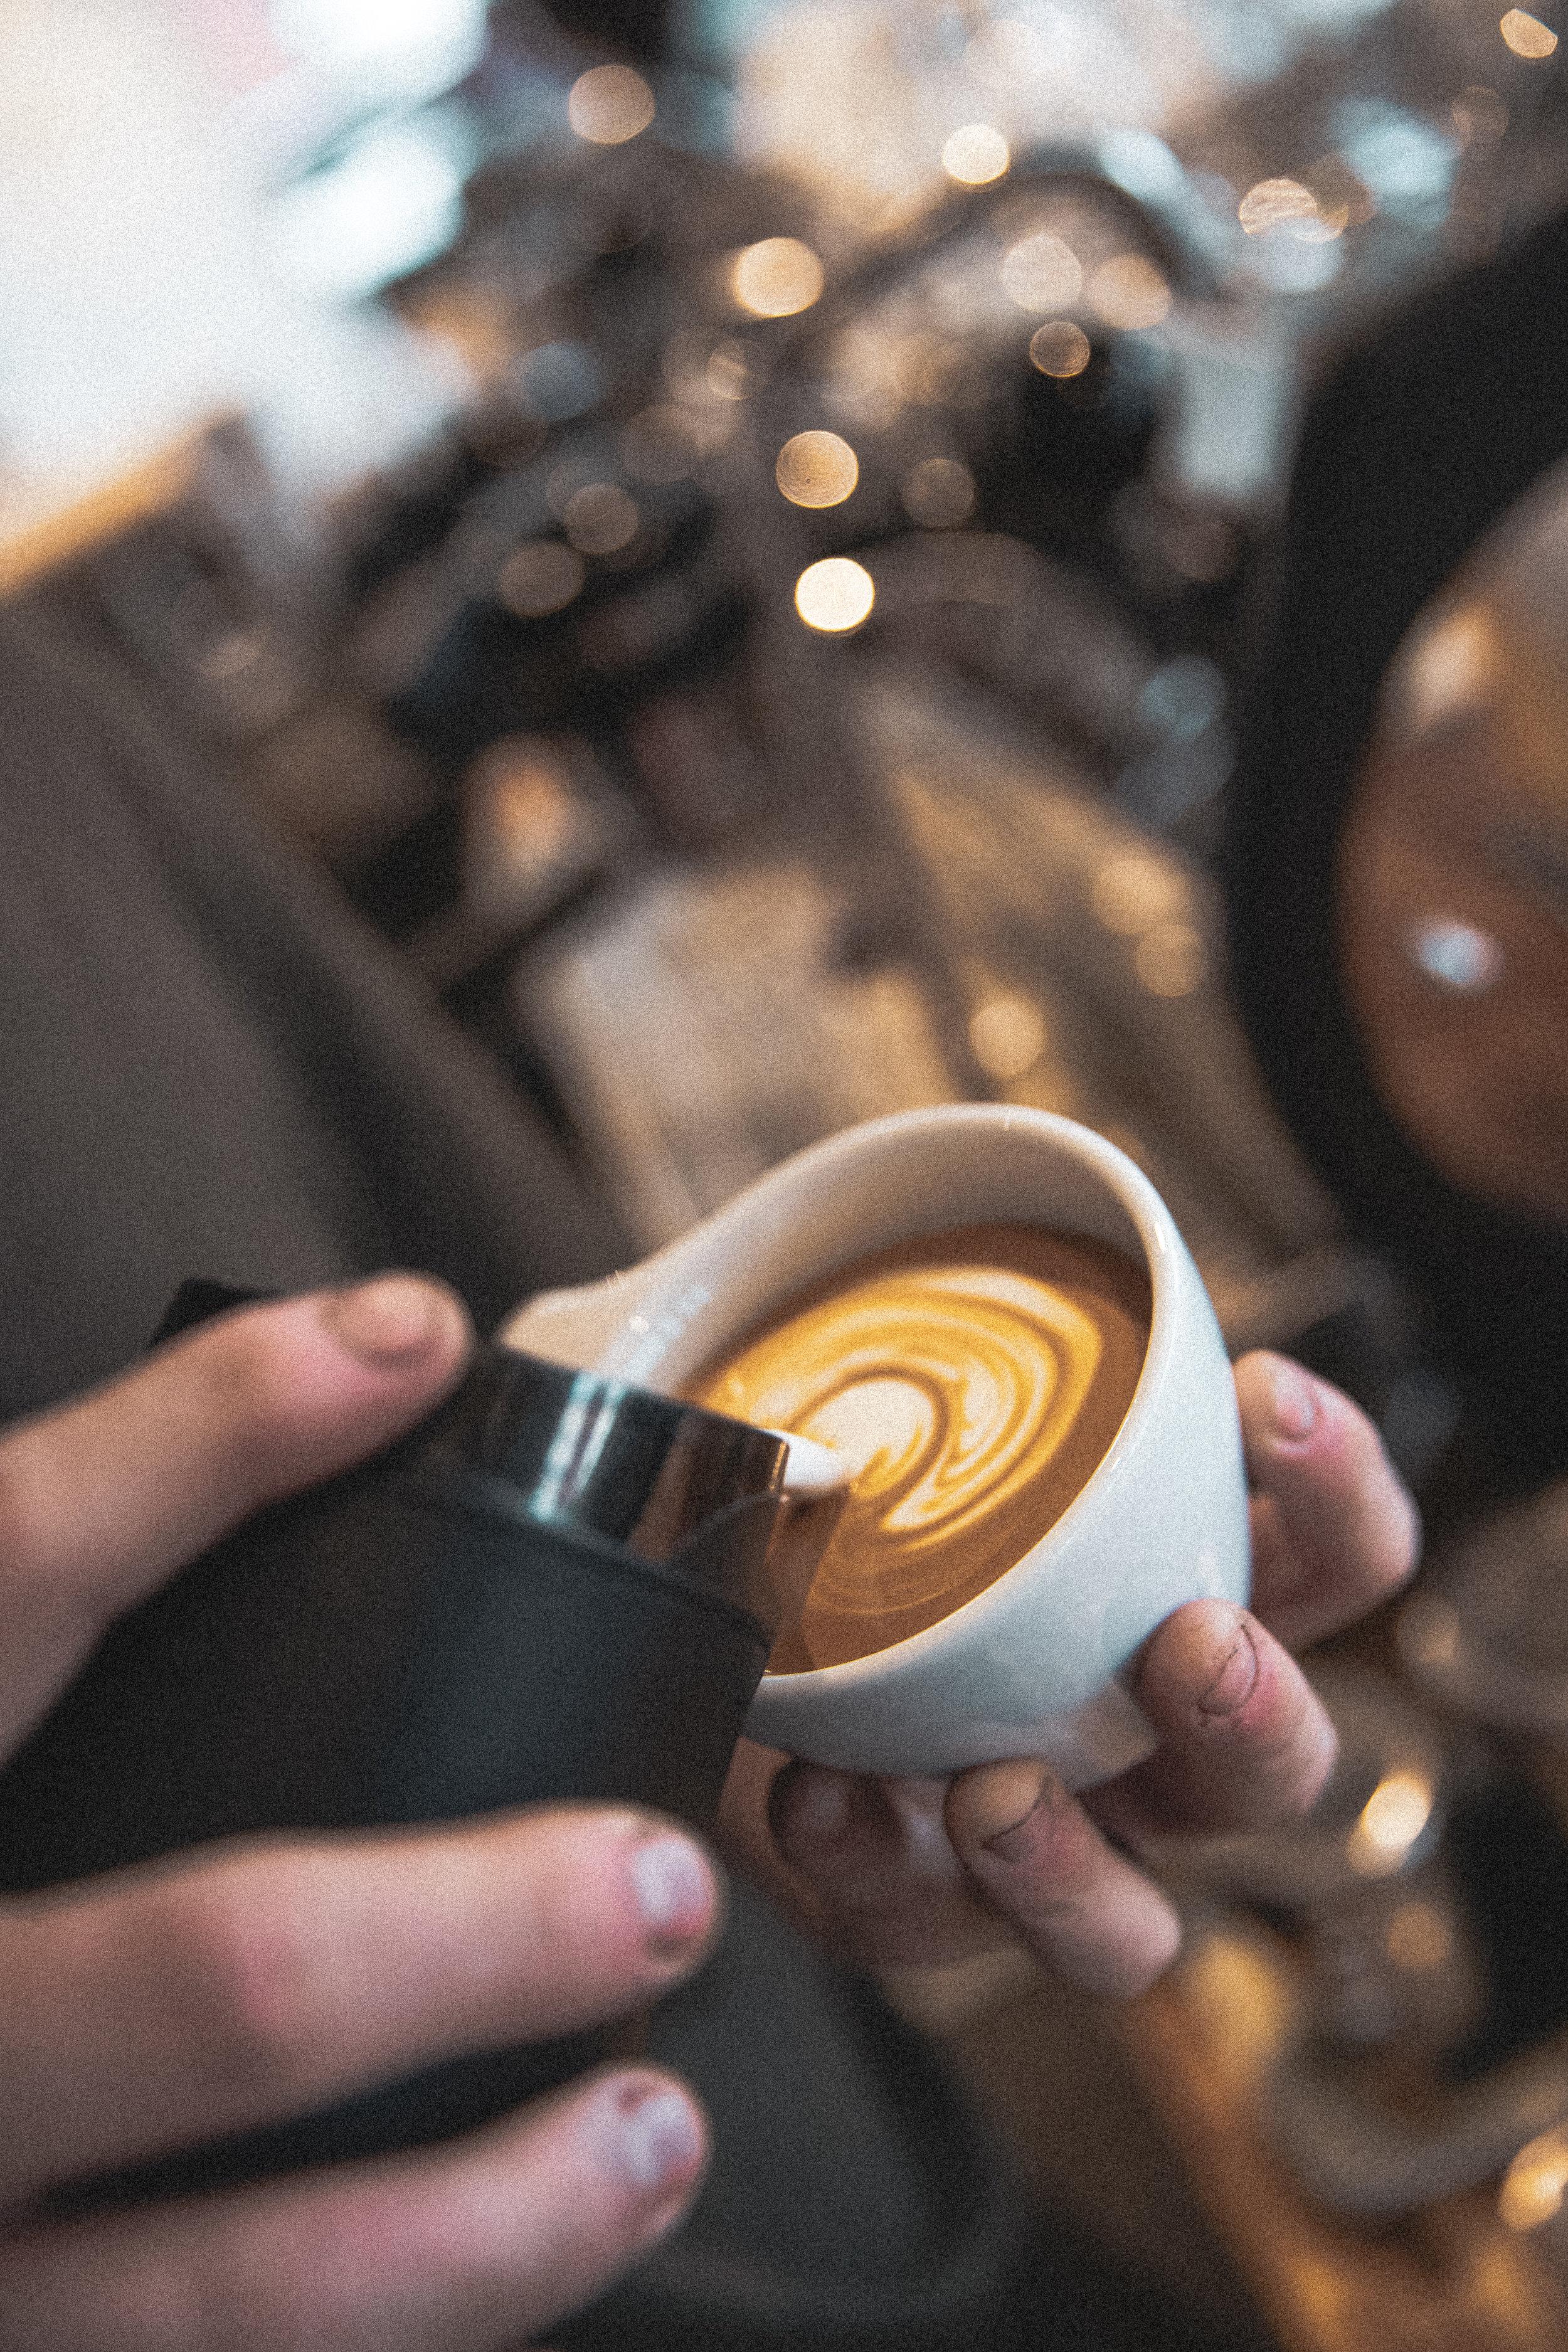 coffeeshop-photography-9I0620.jpg